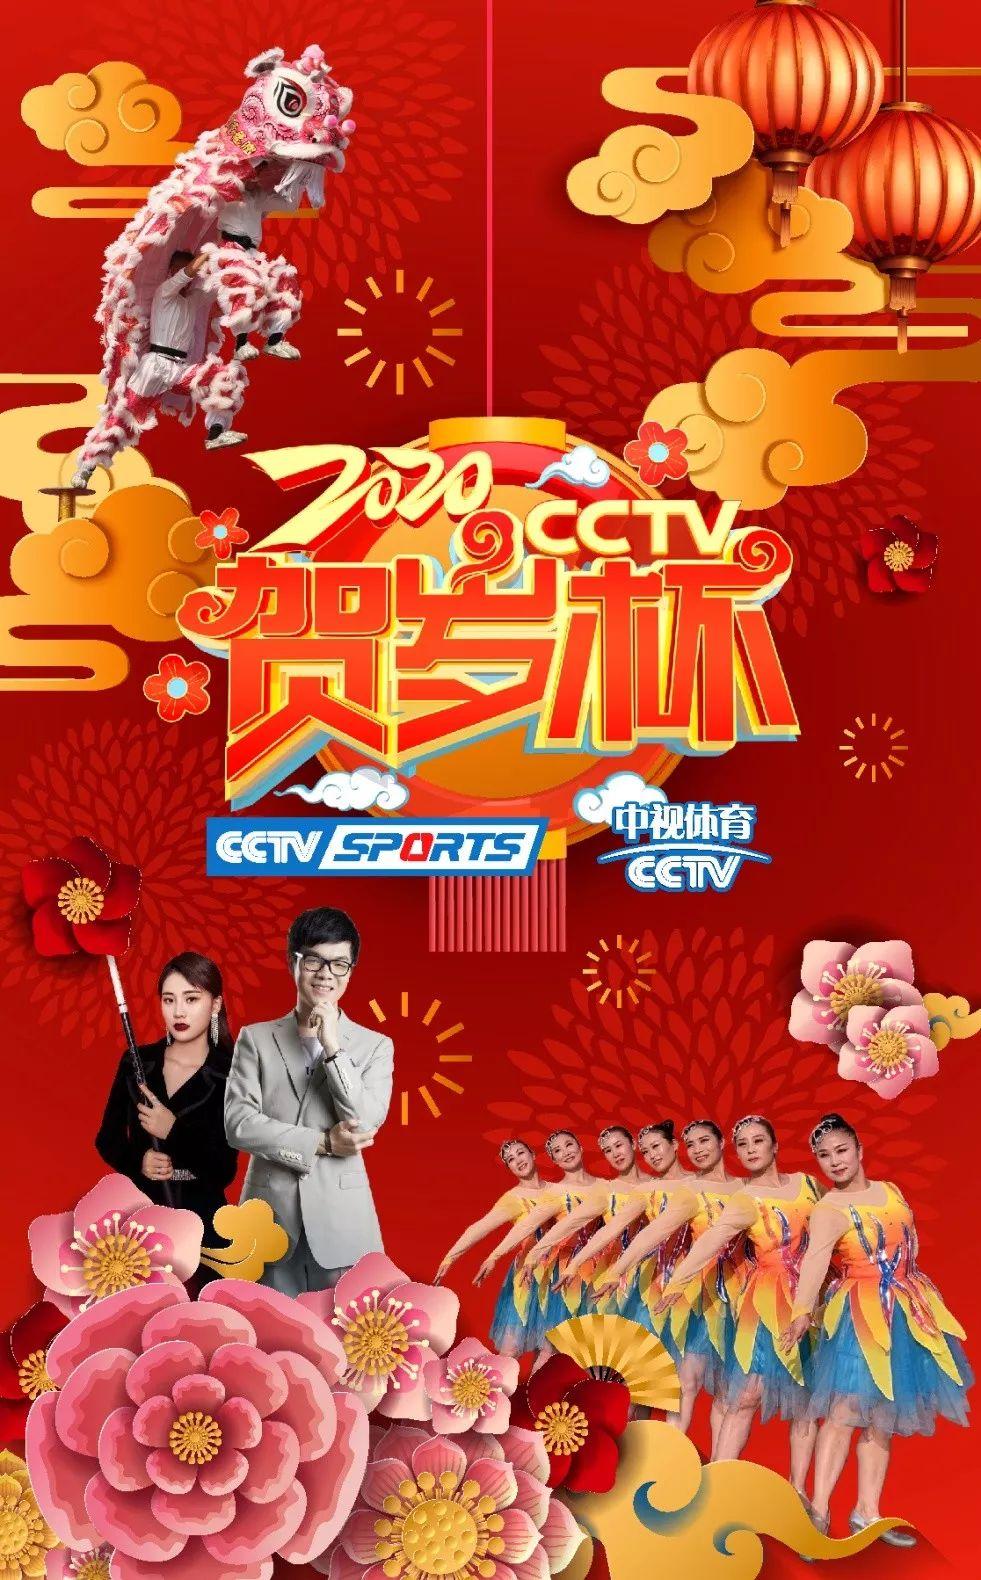 第八届CCTV贺岁杯系列赛蕴含三大亮点 助力多地撬动体育旅游产业